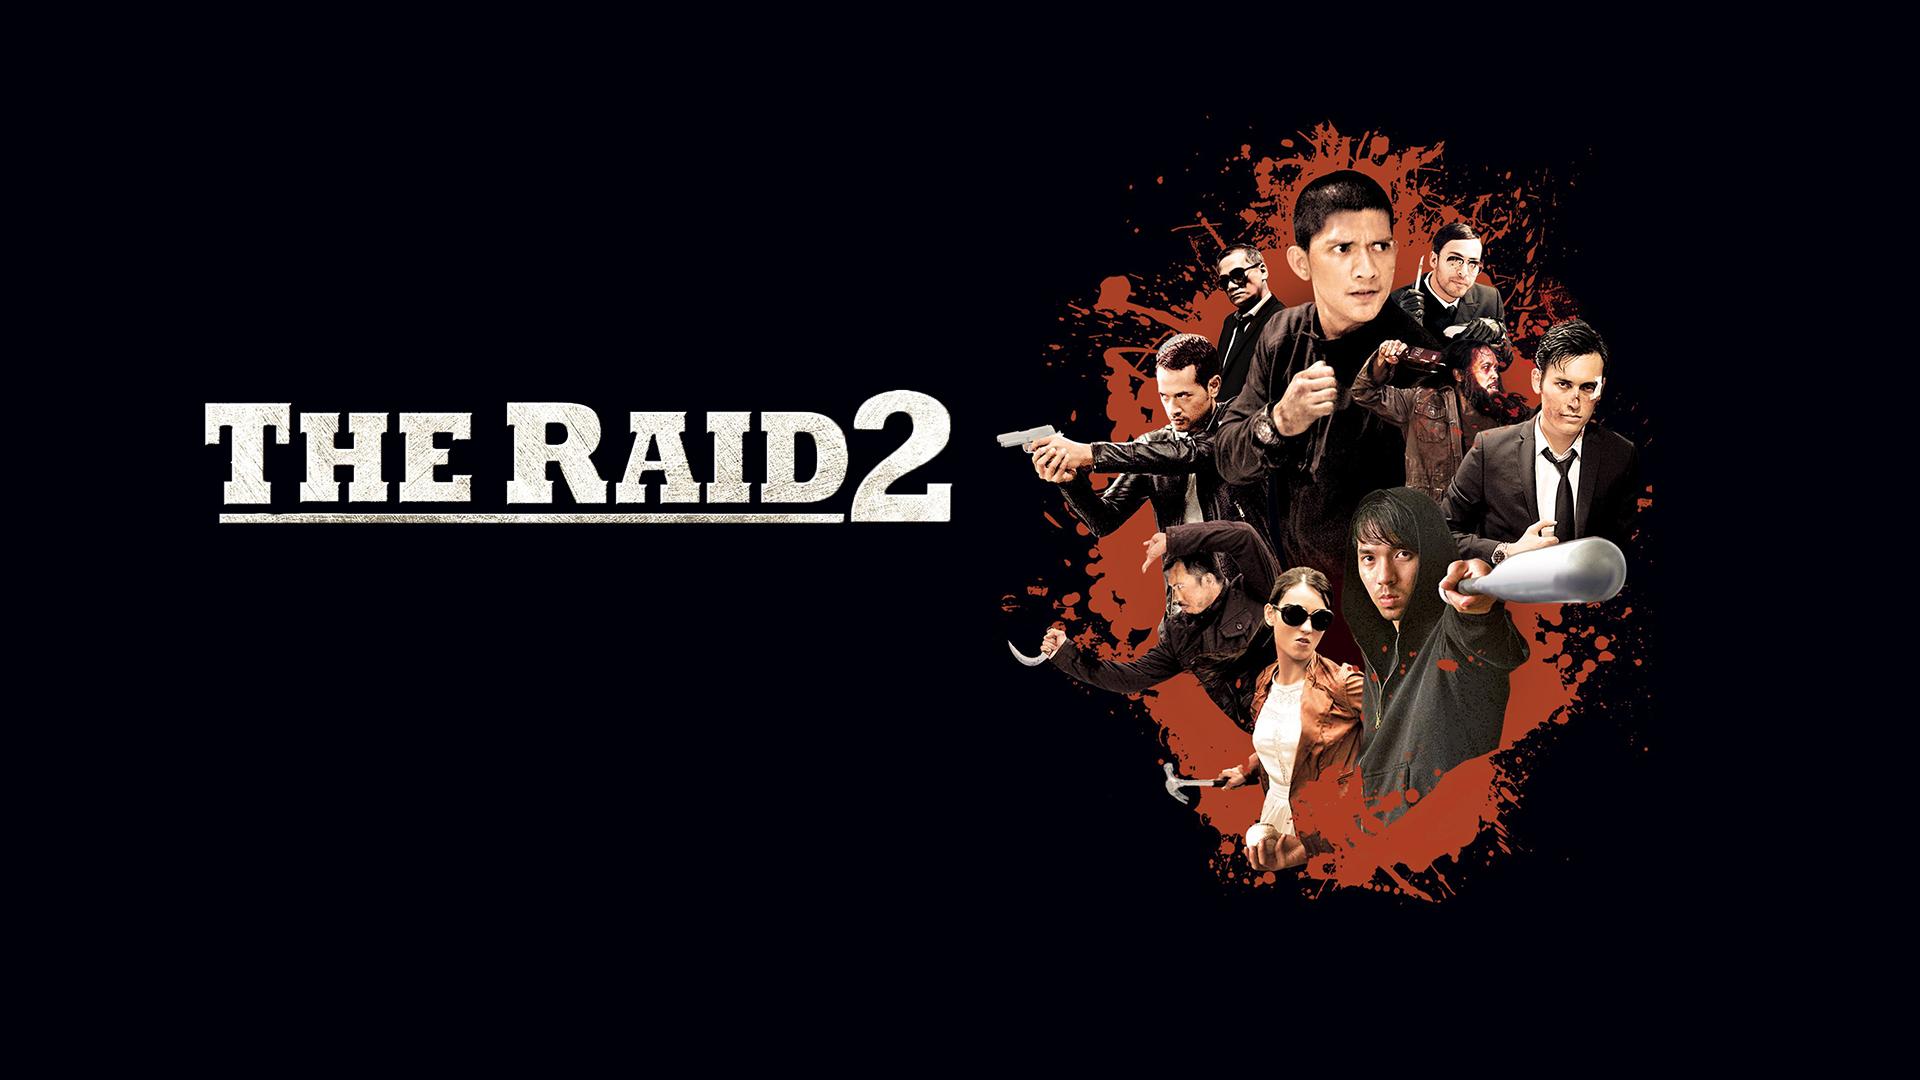 _DUPE_The Raid 2